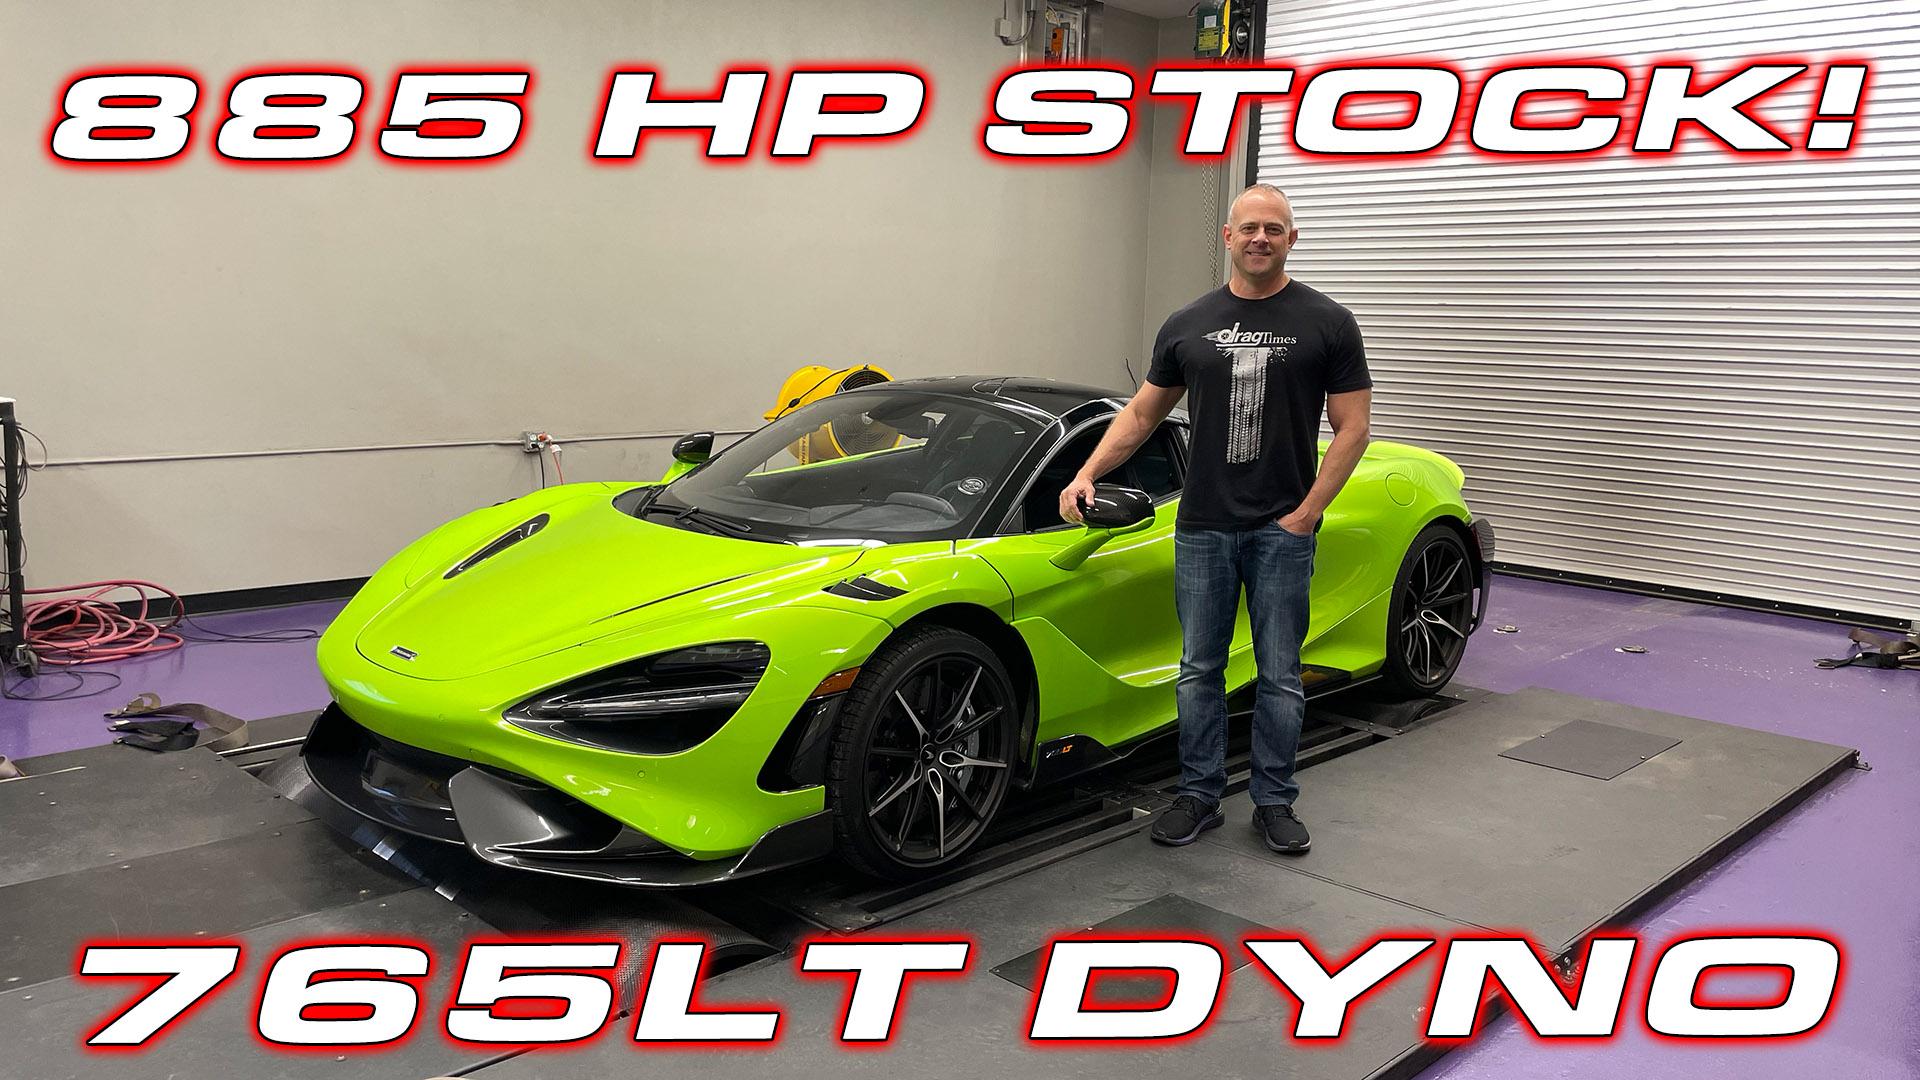 765LT Dyno Test